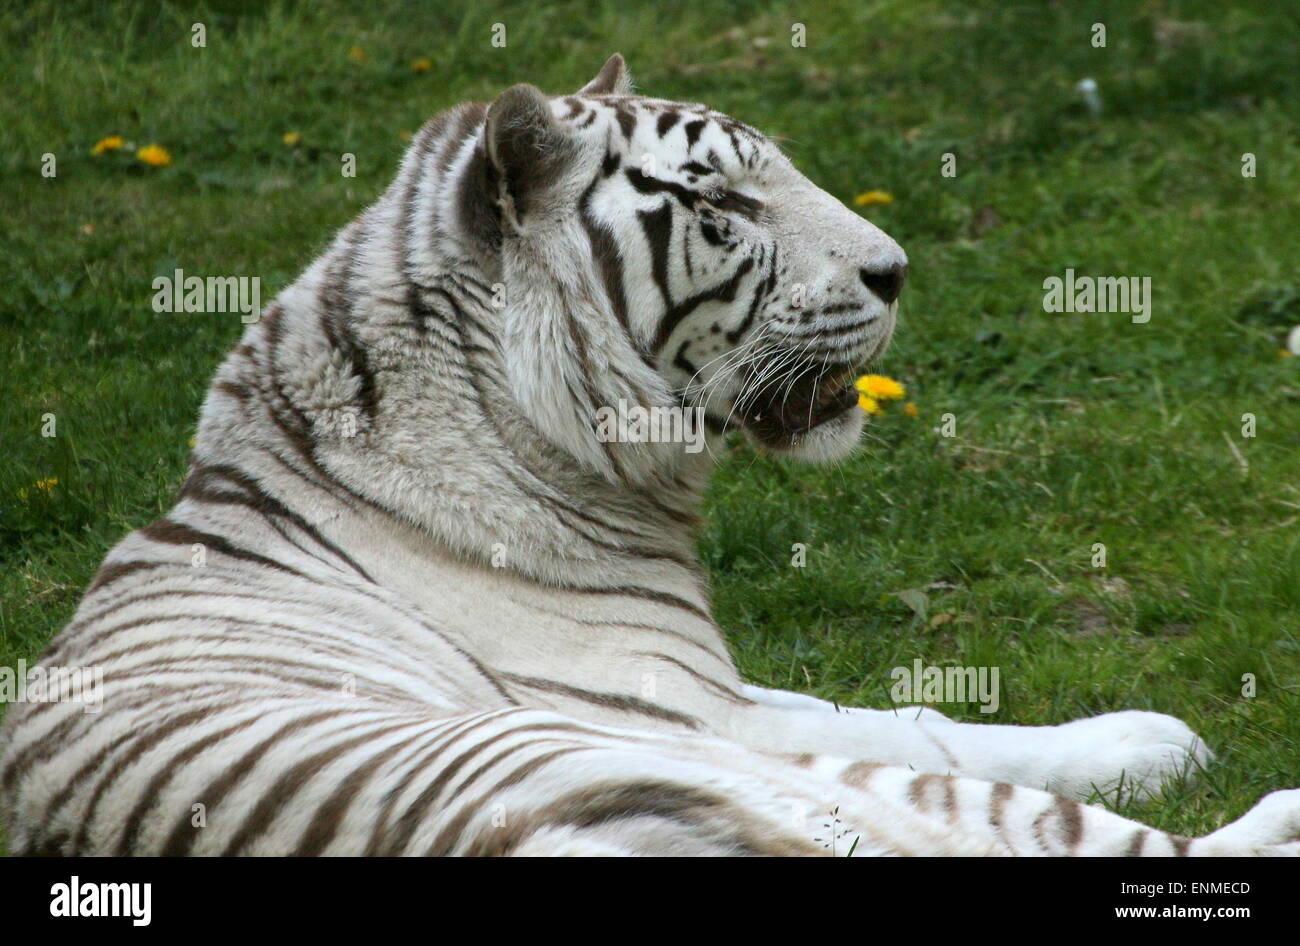 Female White Bengal tiger (Panthera tigris tigris) lying in the grass - Stock Image